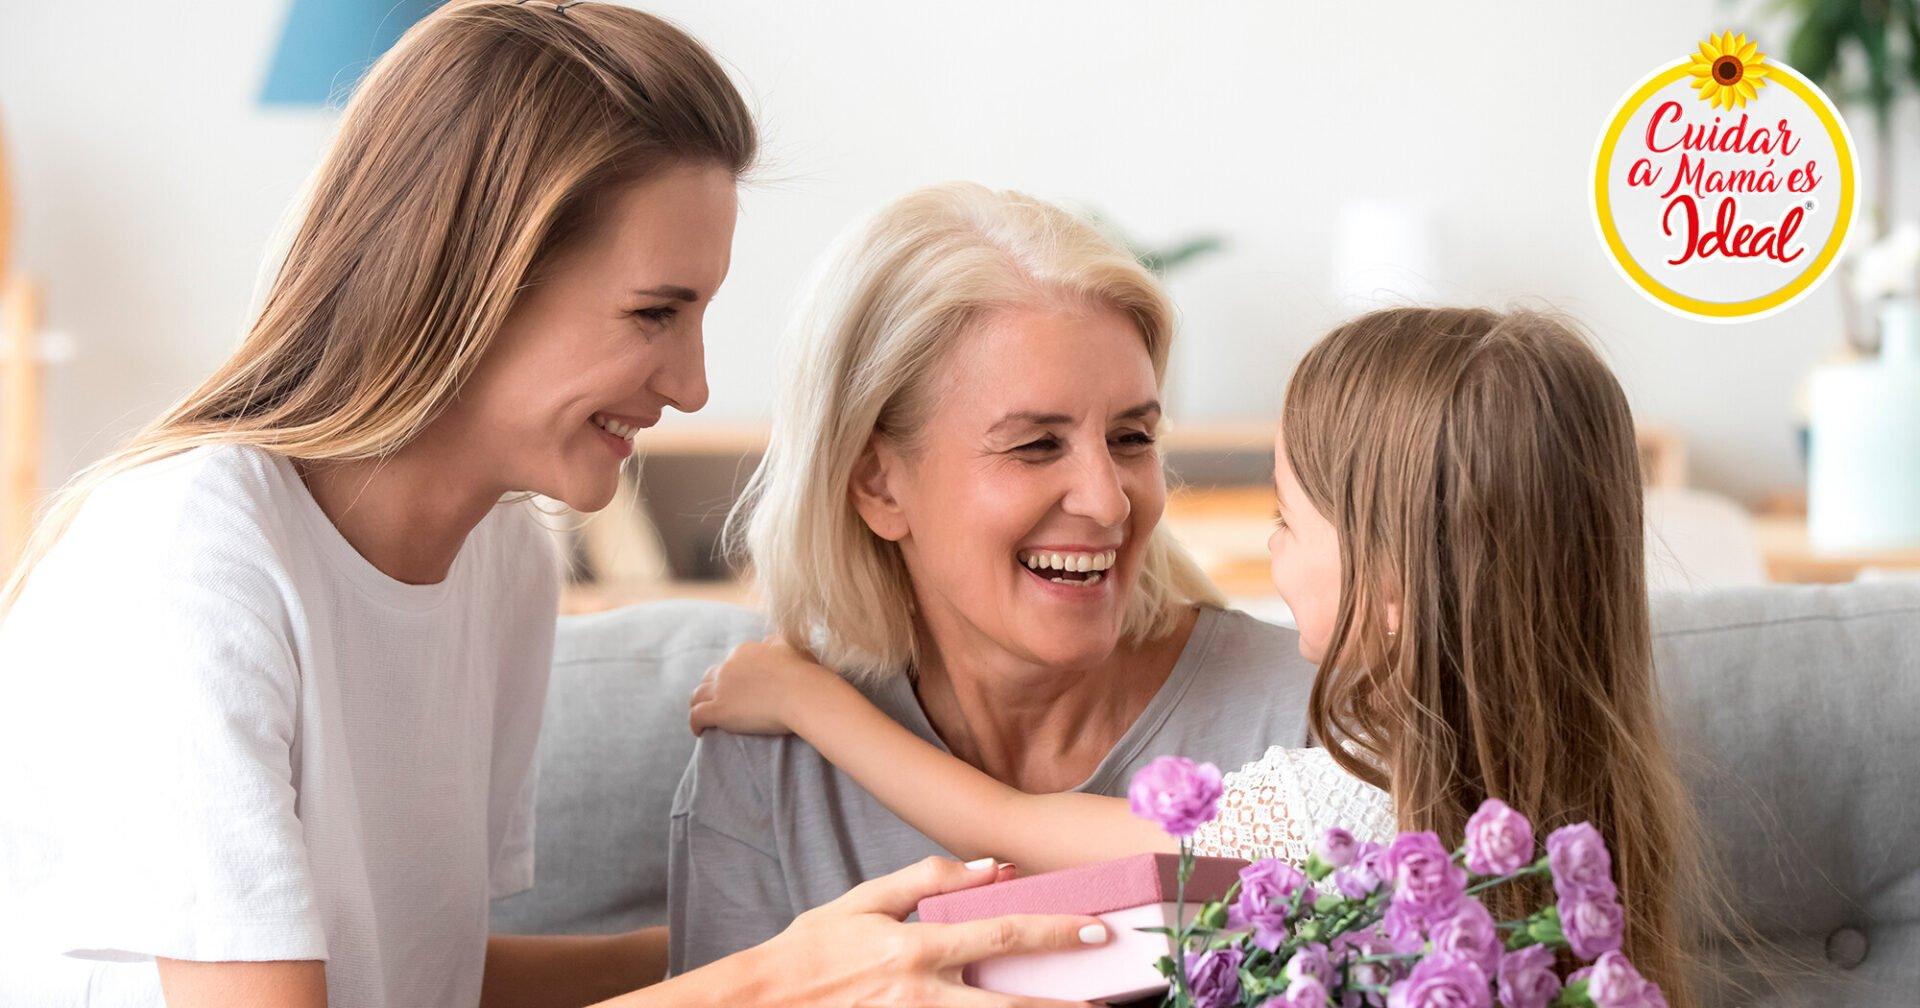 Consiente y cuida a mamá cada día del año